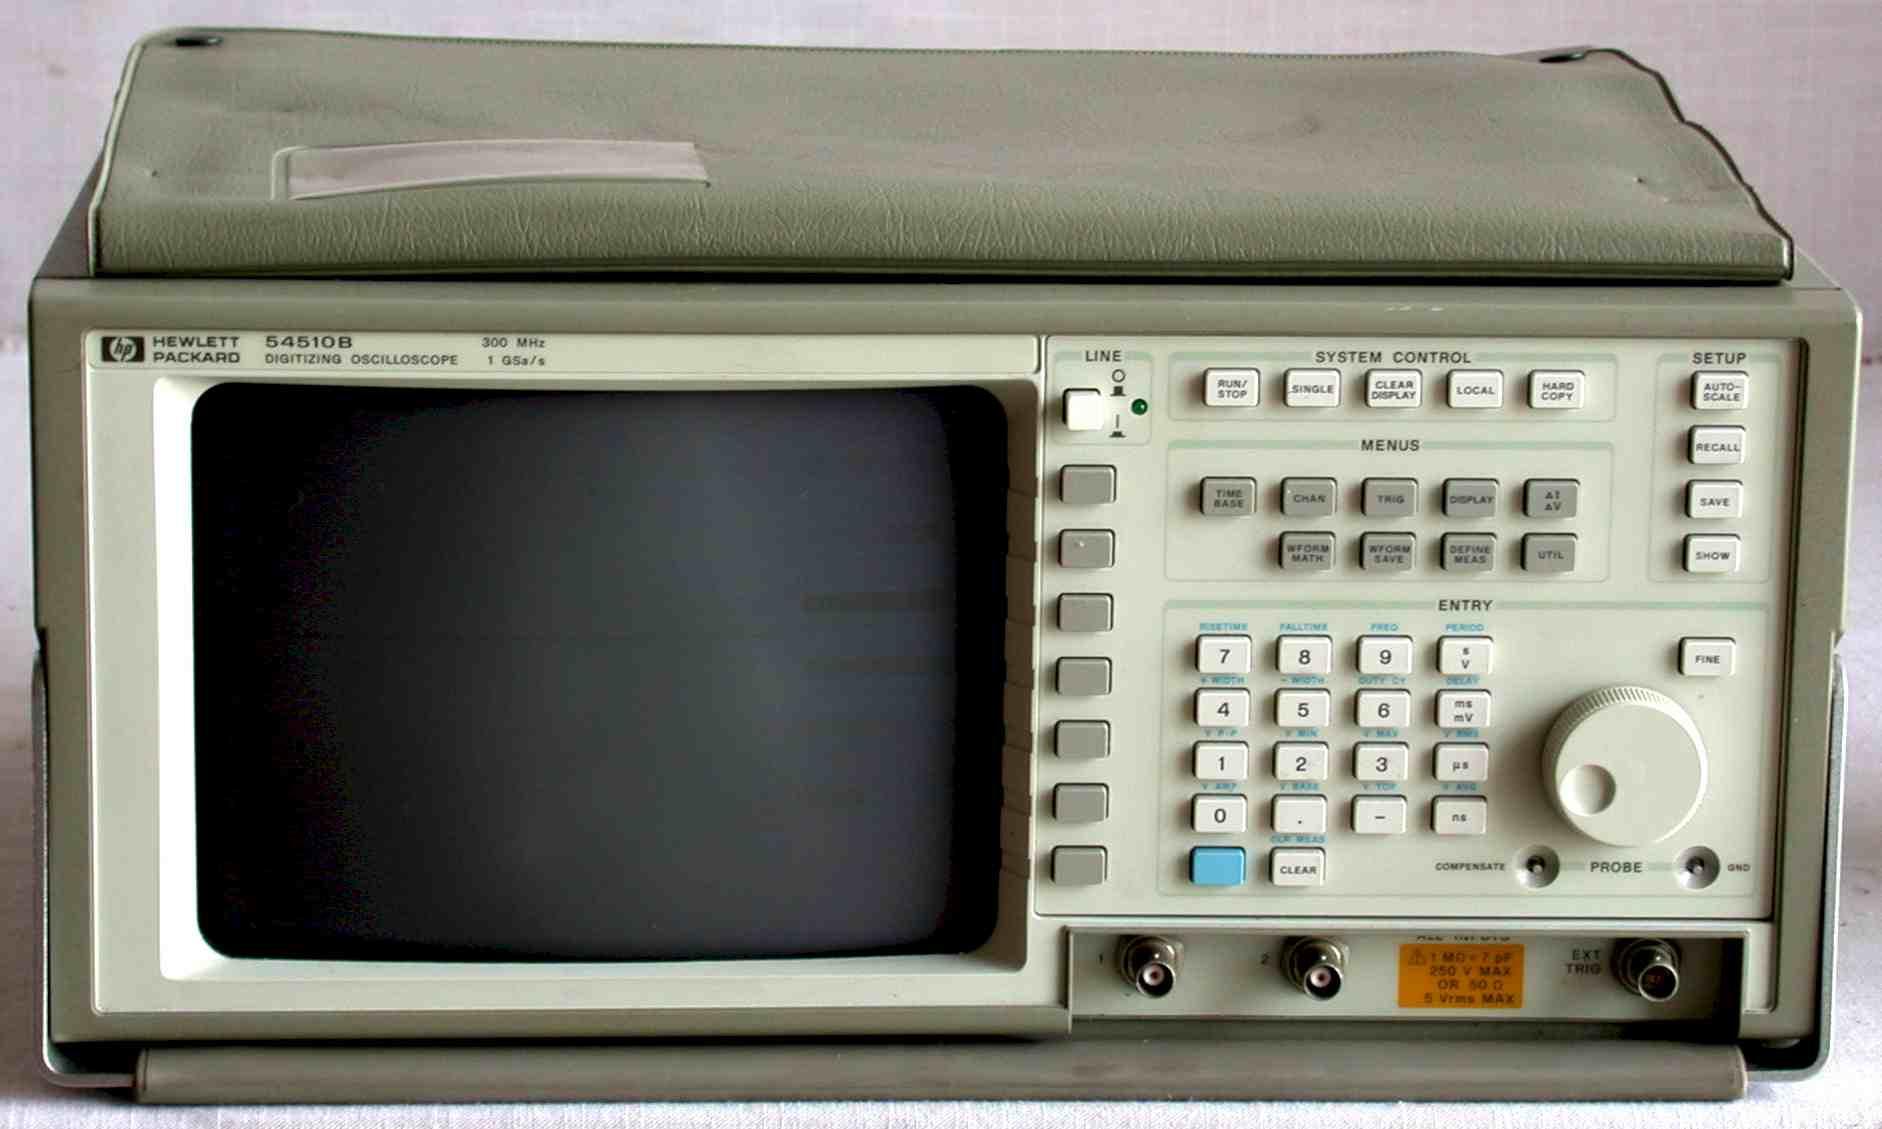 Agilent 54505B 300Mhz, 500 Ms/S 2-Ch General-Purpose Oscilloscope